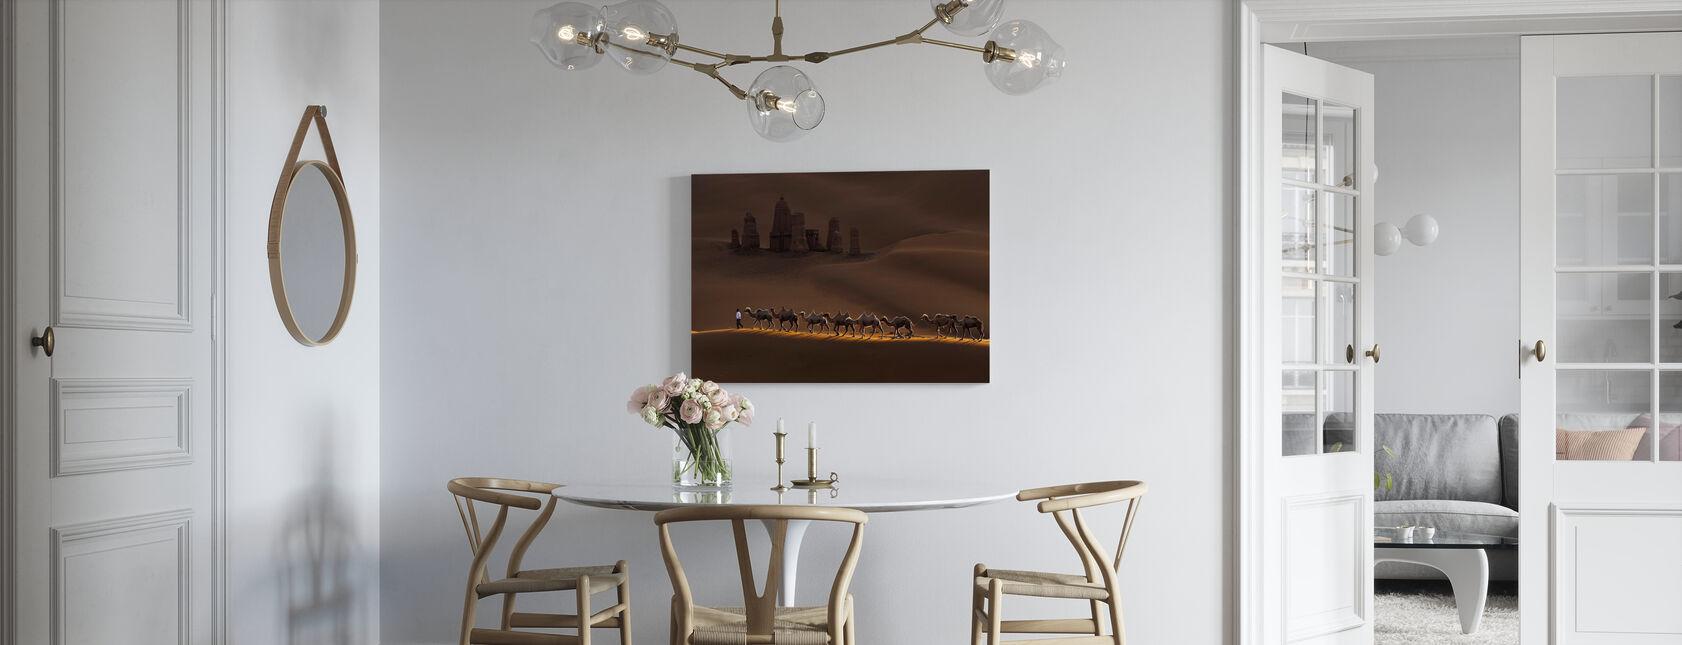 Linna ja kamelit - Canvastaulu - Keittiö